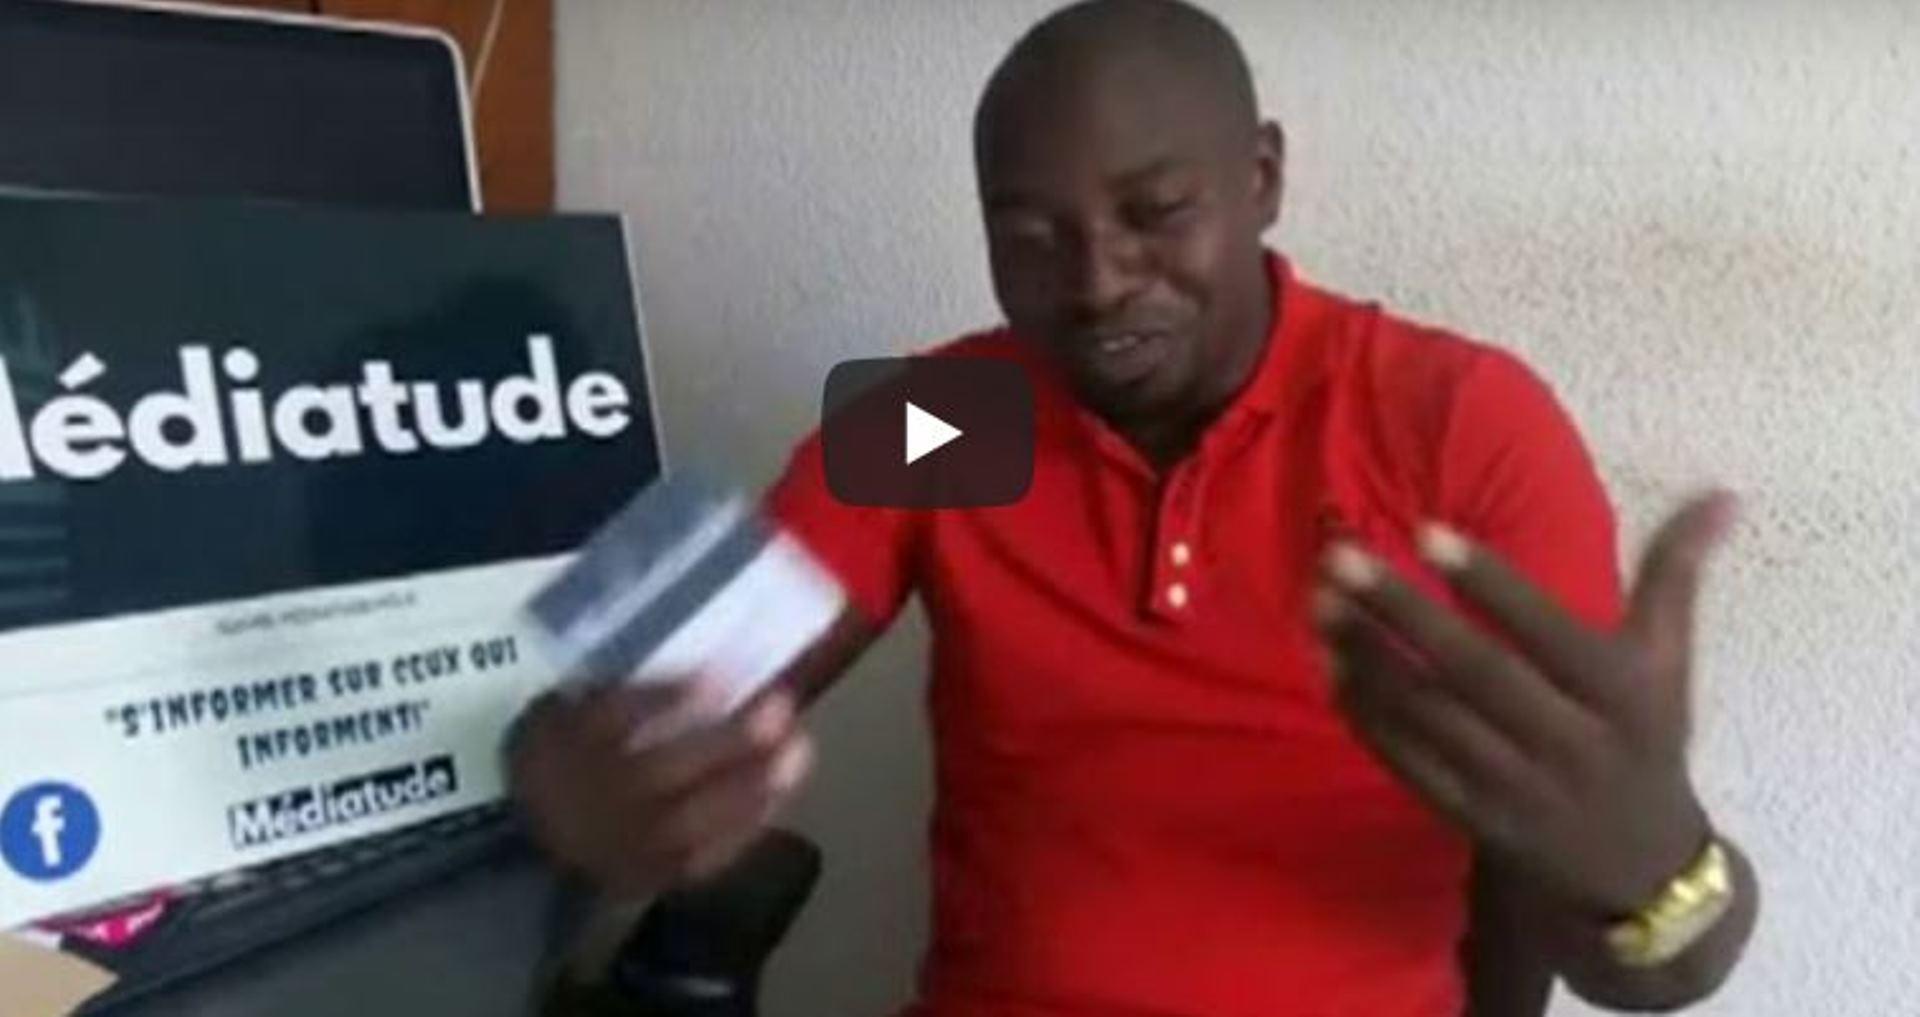 L'interview de Médiatude : Michael Tchipkio de Canal 2 serait-il prêt à rejoindre Vision 4 Tv ?